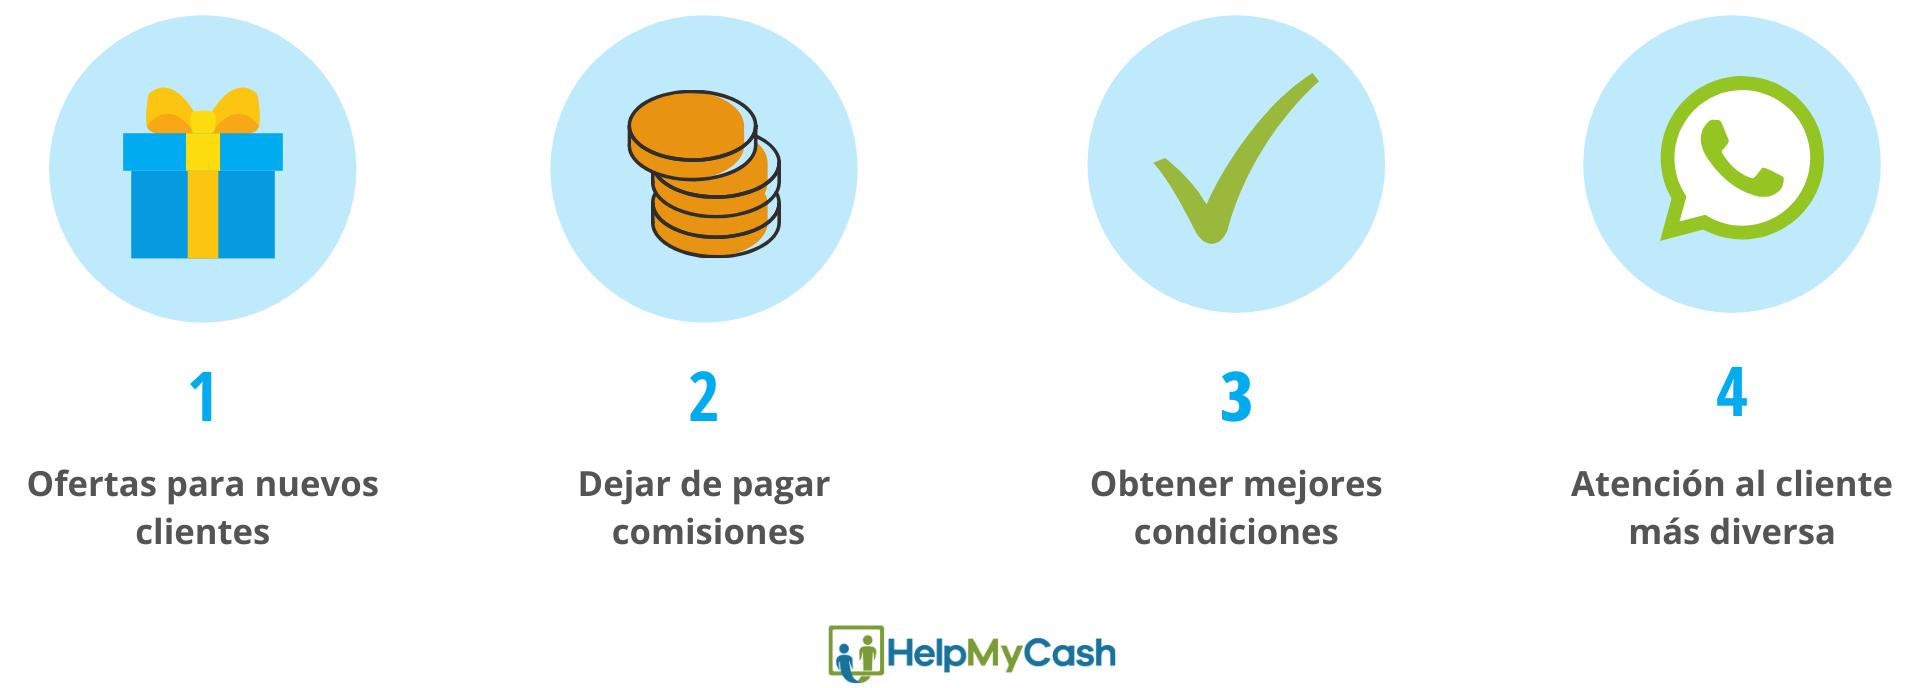 Ventajas de cambiar de banco: 1- ofertas para nuevos clientes. 2- dejar de pagar comisiones. 3- conseguir mejores condiciones. 4- mejoras en la atención al cliente